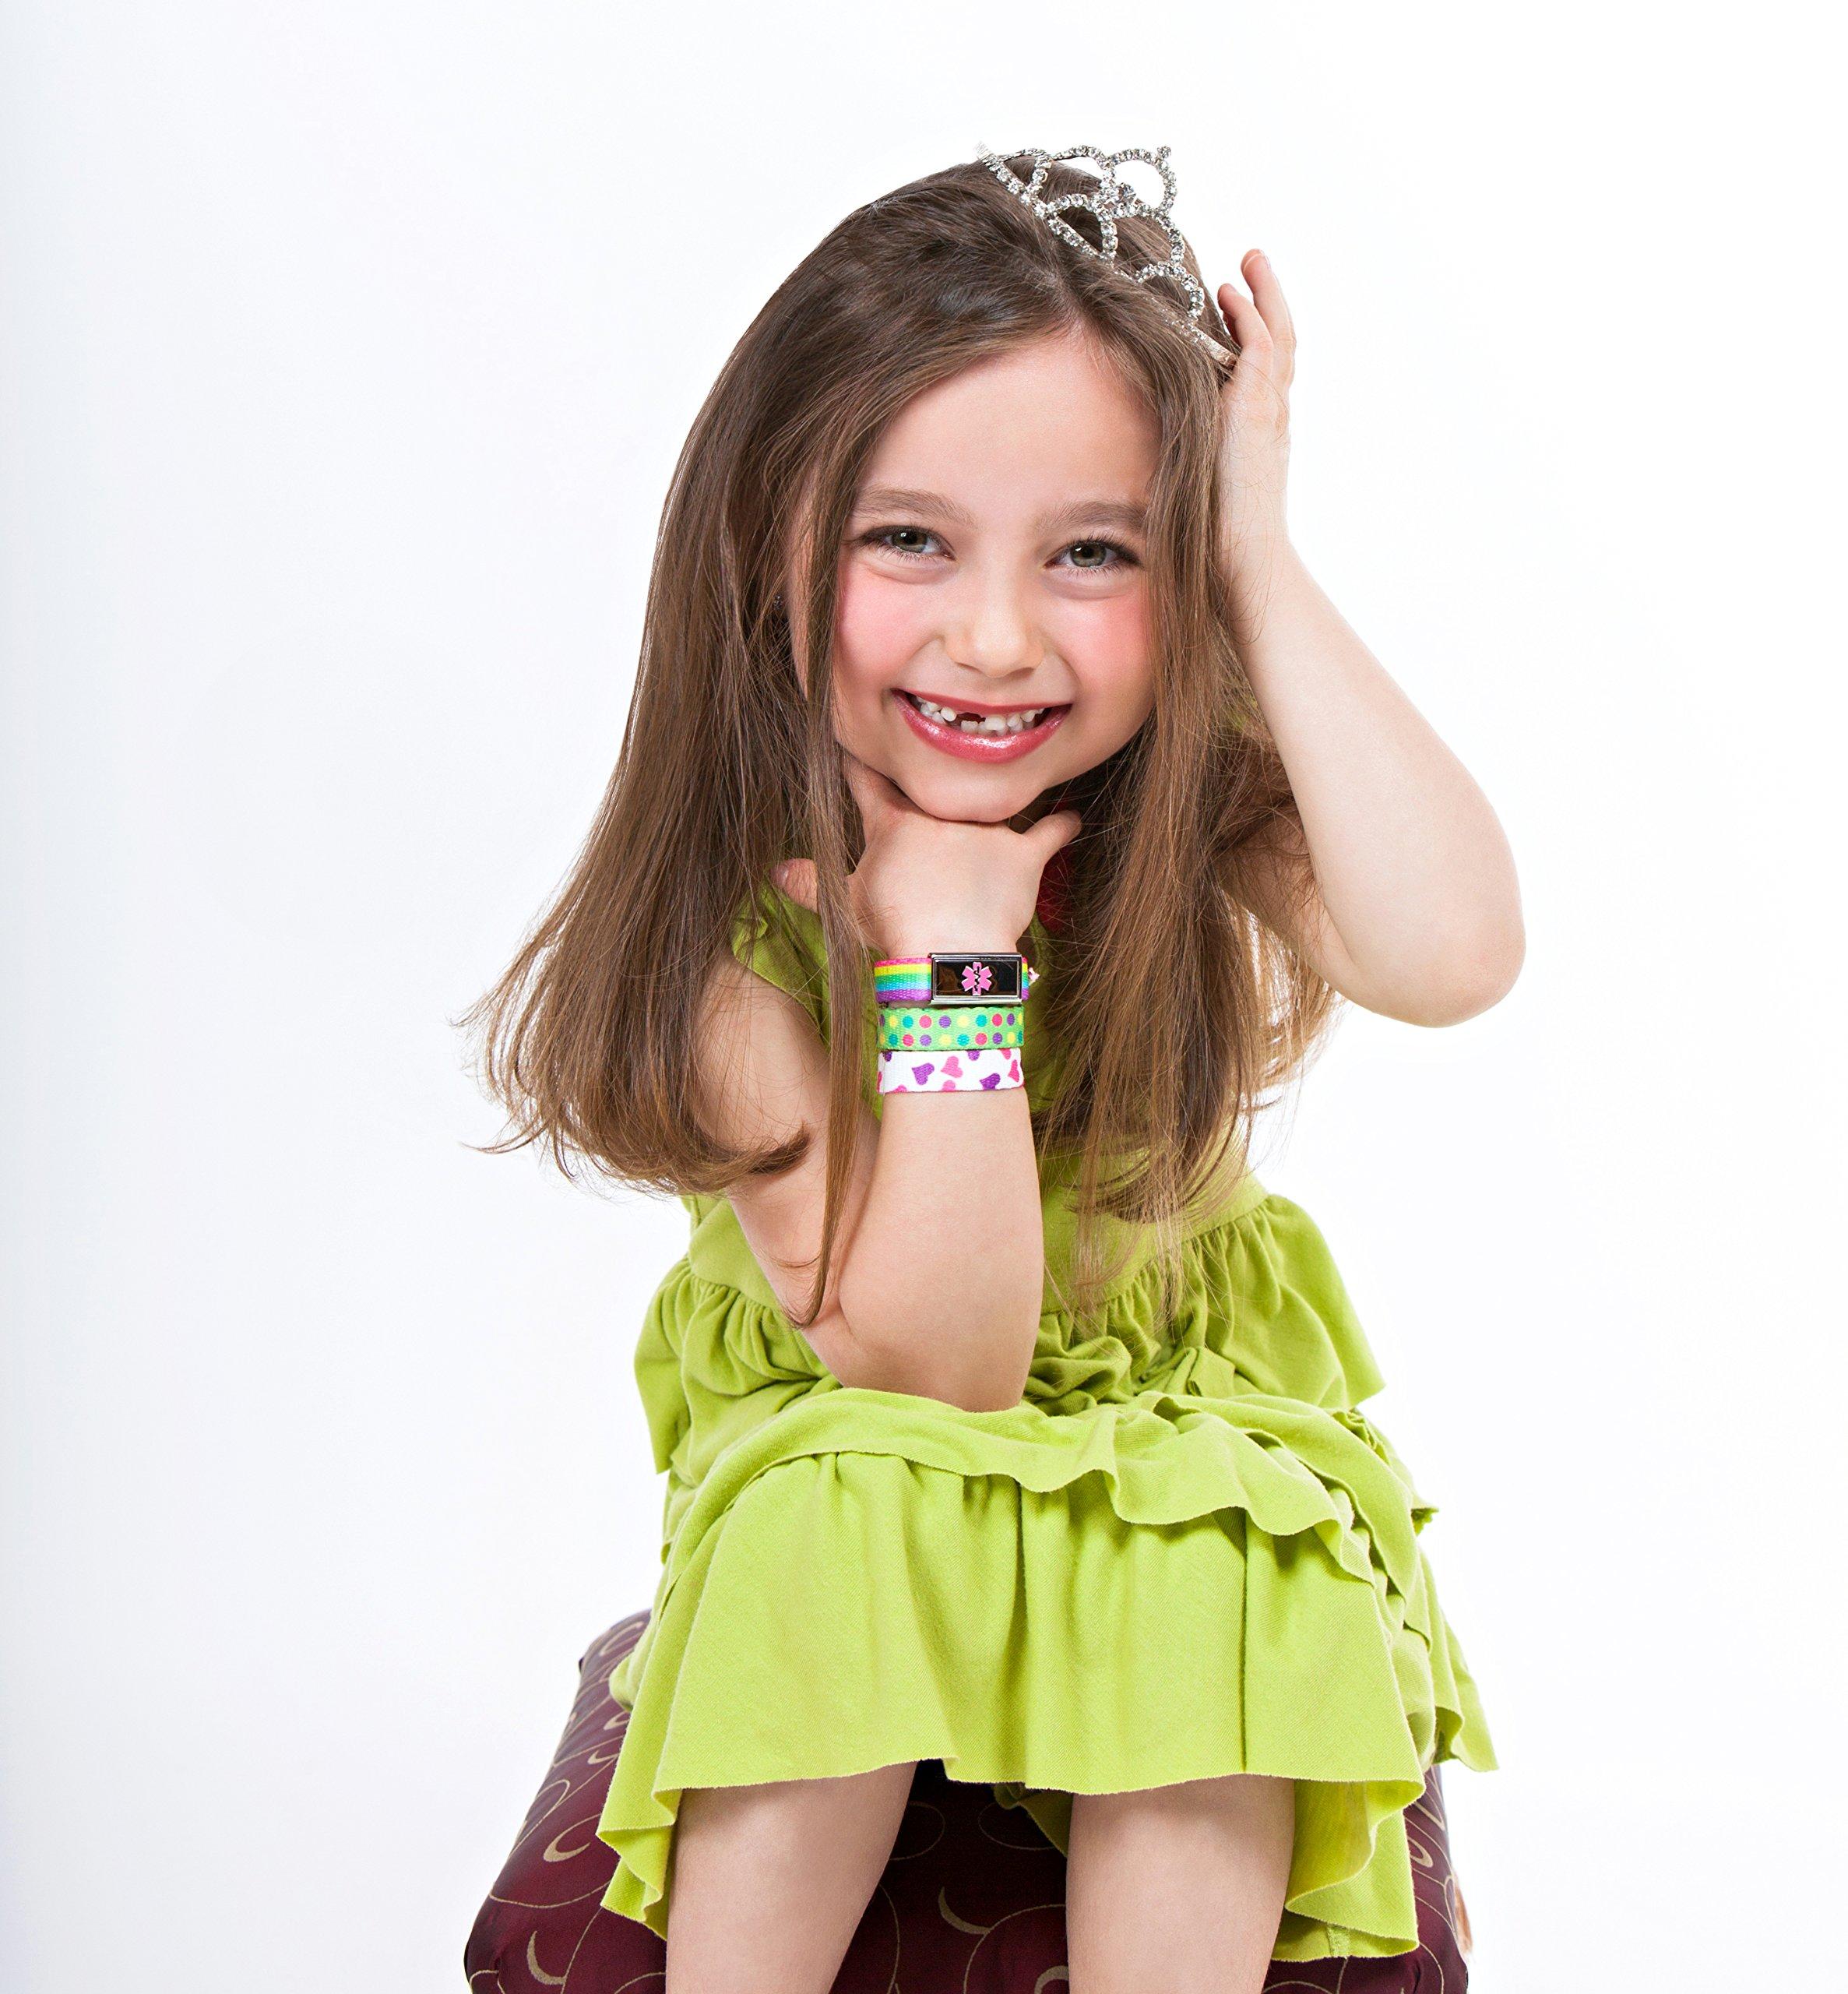 3 Pack Kid's Medical Alert Bracelets | Children's Medical ID Bracelets | Free Engraving | Adjustable | Value Pack (3 Bracelets) - Fire & Camo